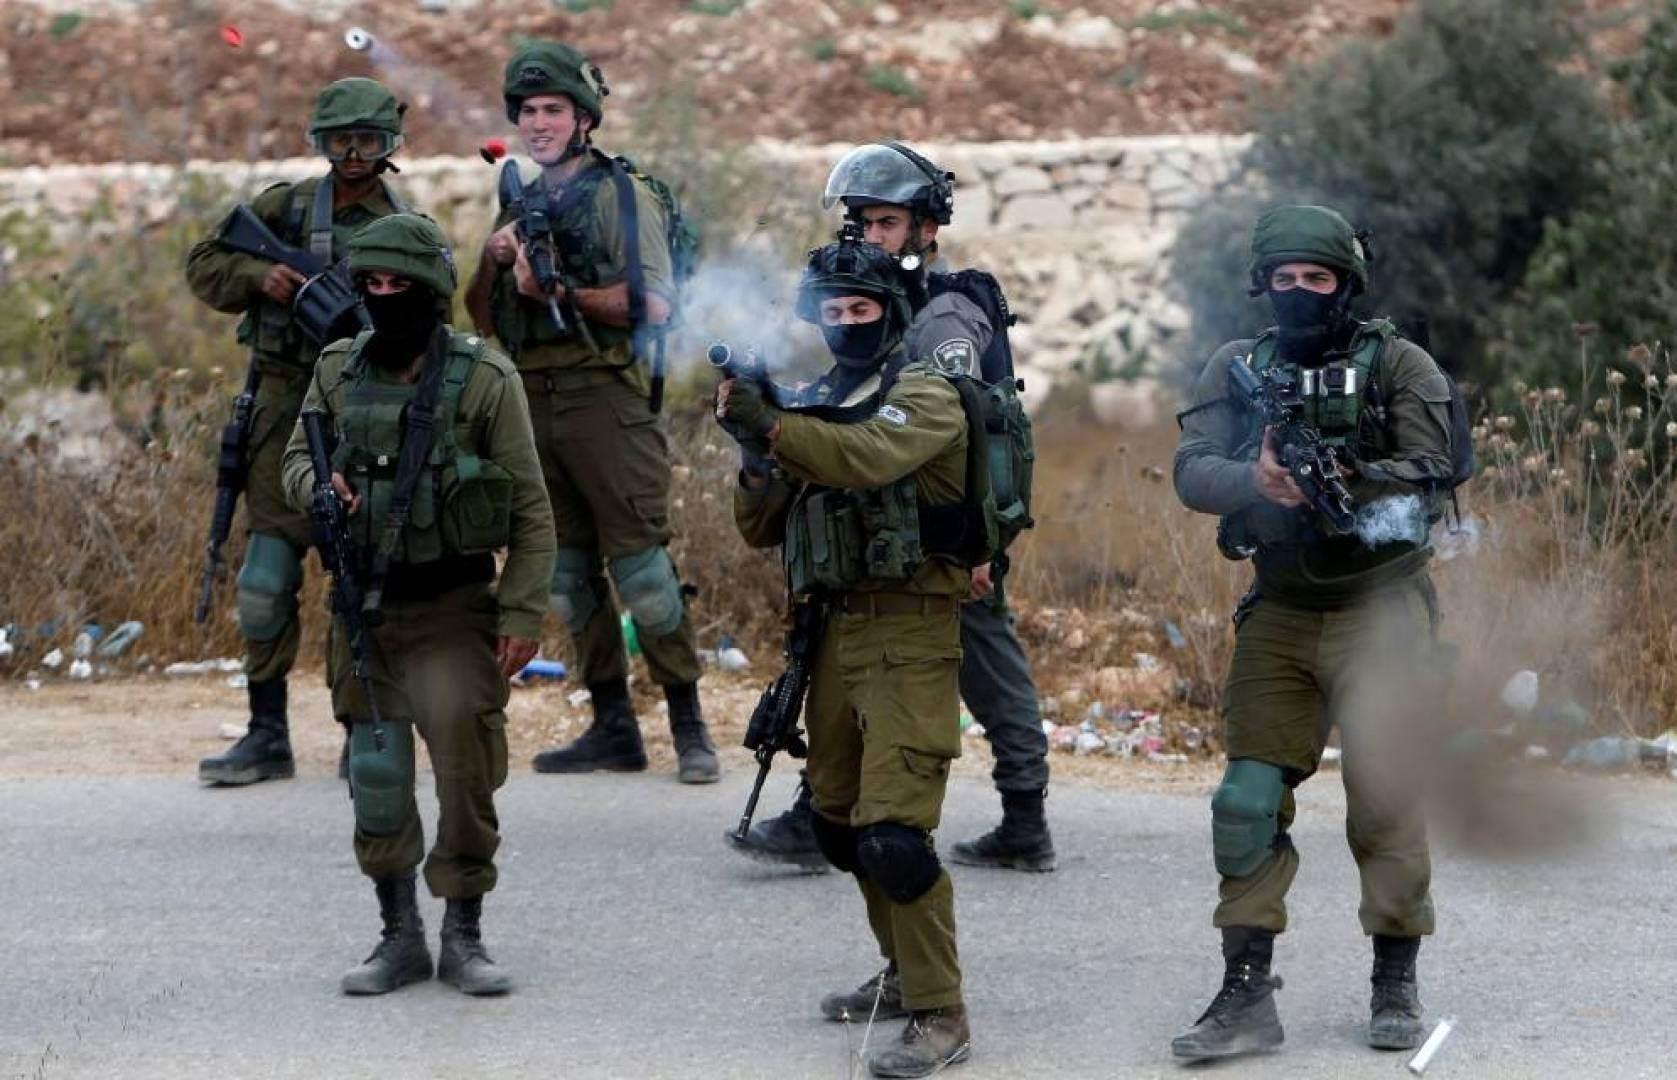 استشهاد الشاب ابراهيم مصطفى ابو يعقوب 33 عاماً من قرية كفل حارس برصاص قوات الاحتلال